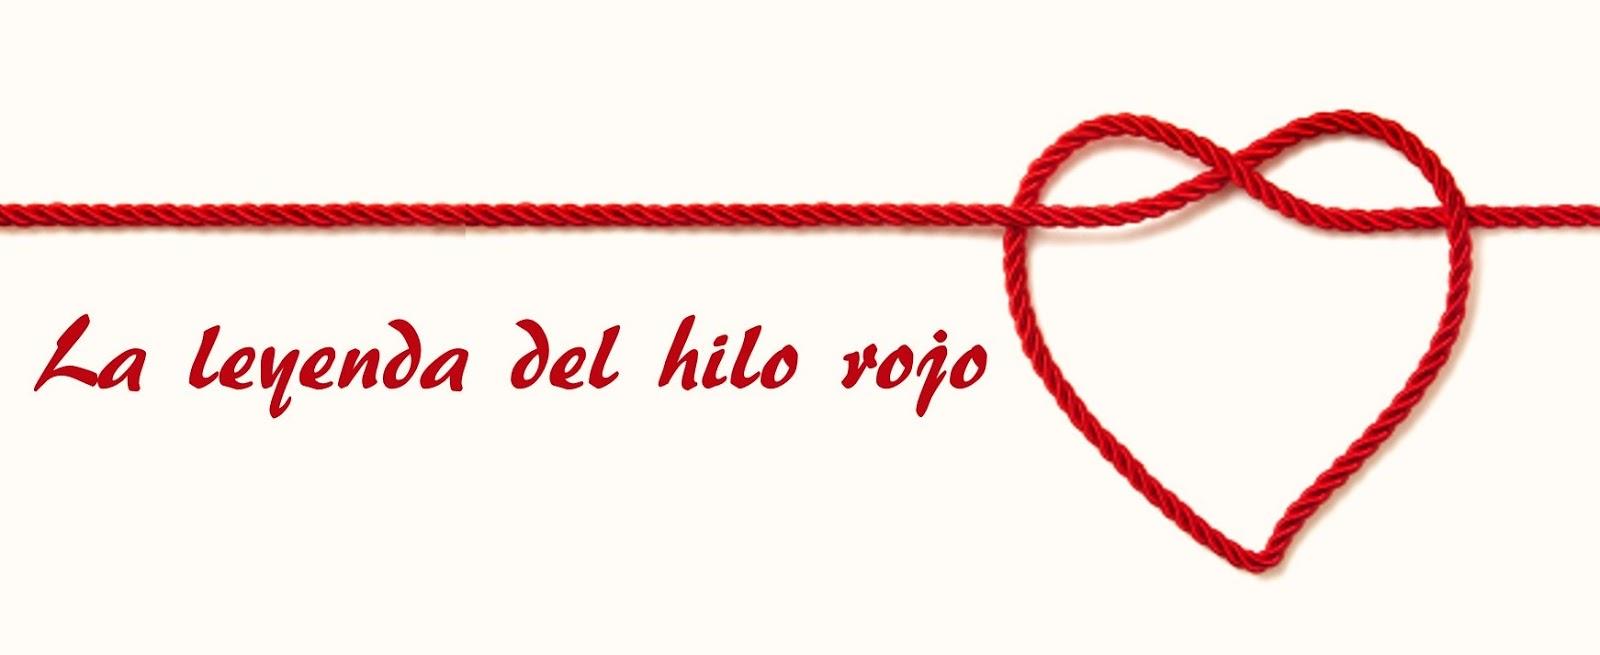 Madre Mia Del Amor Hermoso La Leyenda Del Hilo Rojo